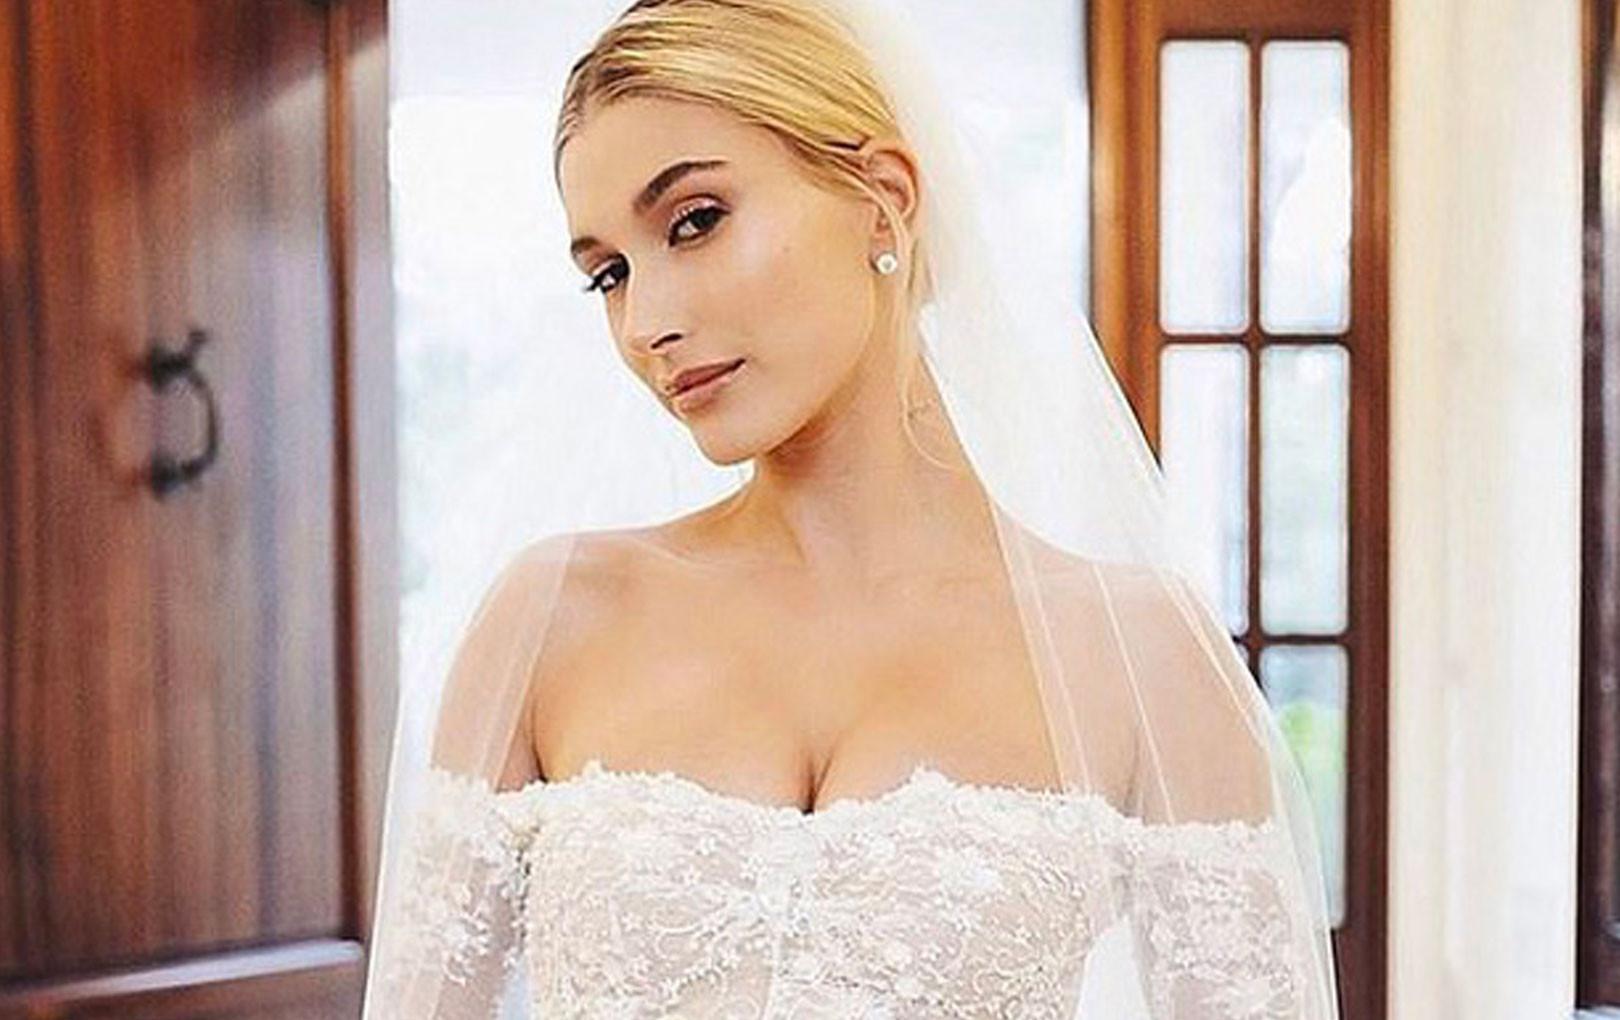 Stylist công khai loạt ảnh thần sầu của Hailey trong đám cưới với Justin Bieber